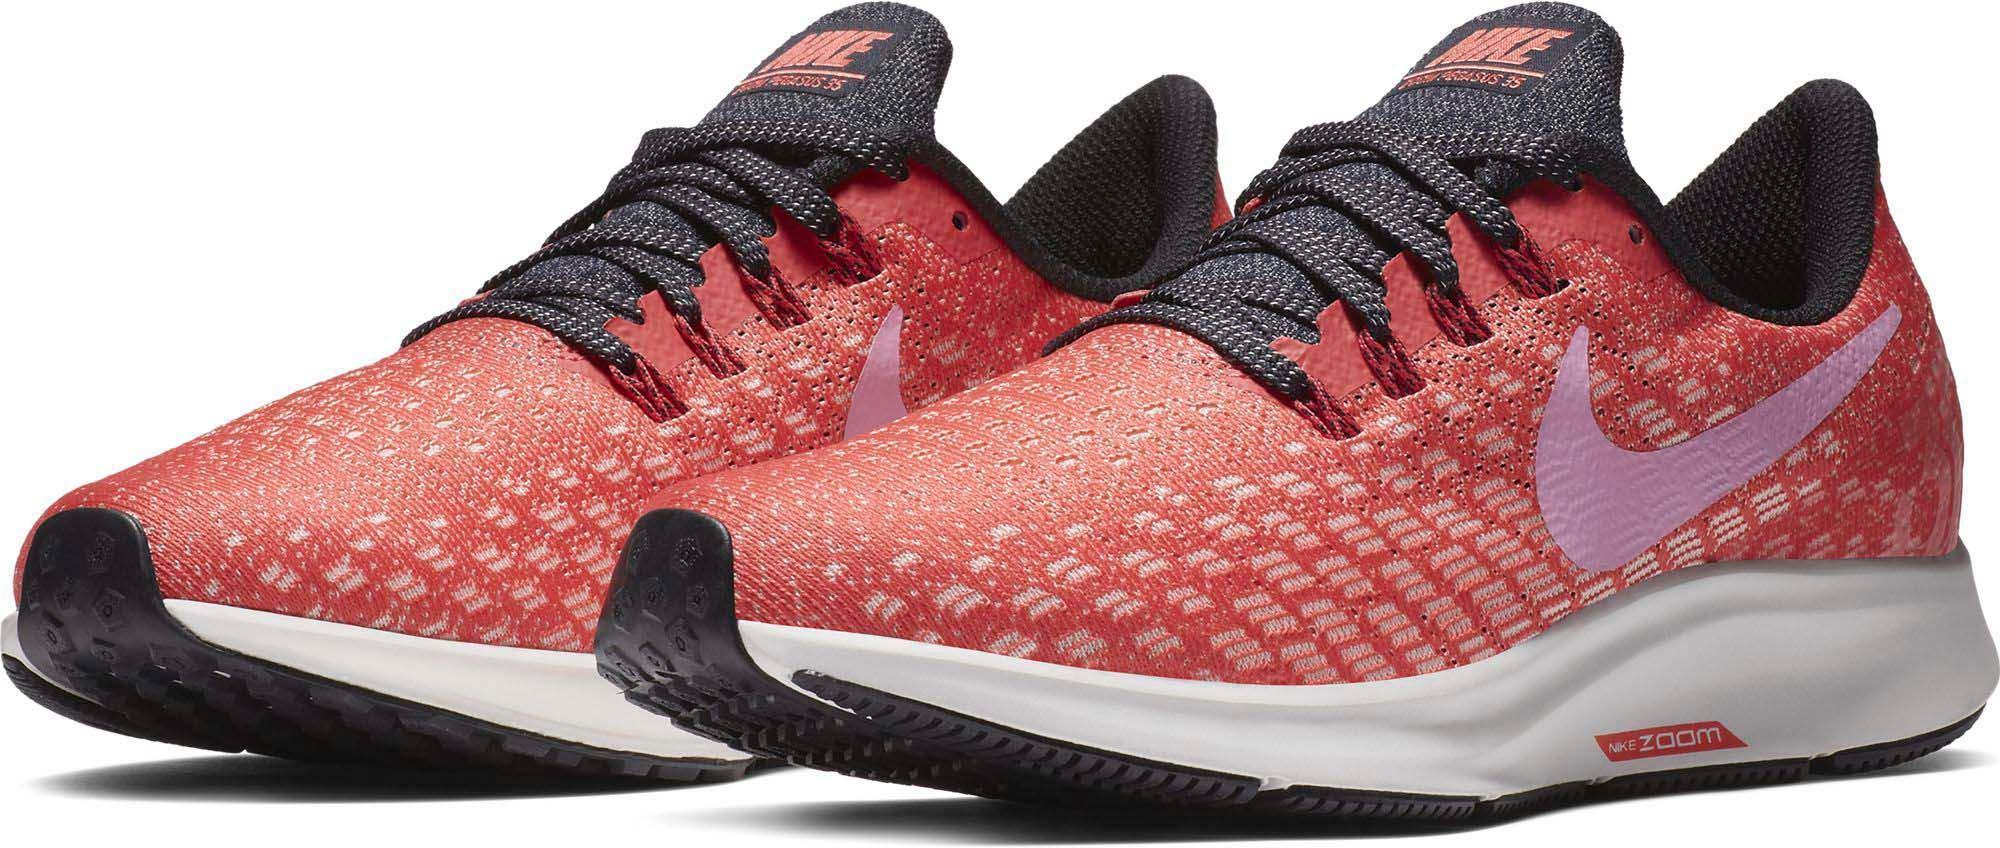 Nike Air Zoom Pegasus 35 Laufschuhe Damen ember glow psychic pink oil grey im Online Shop von SportScheck kaufen